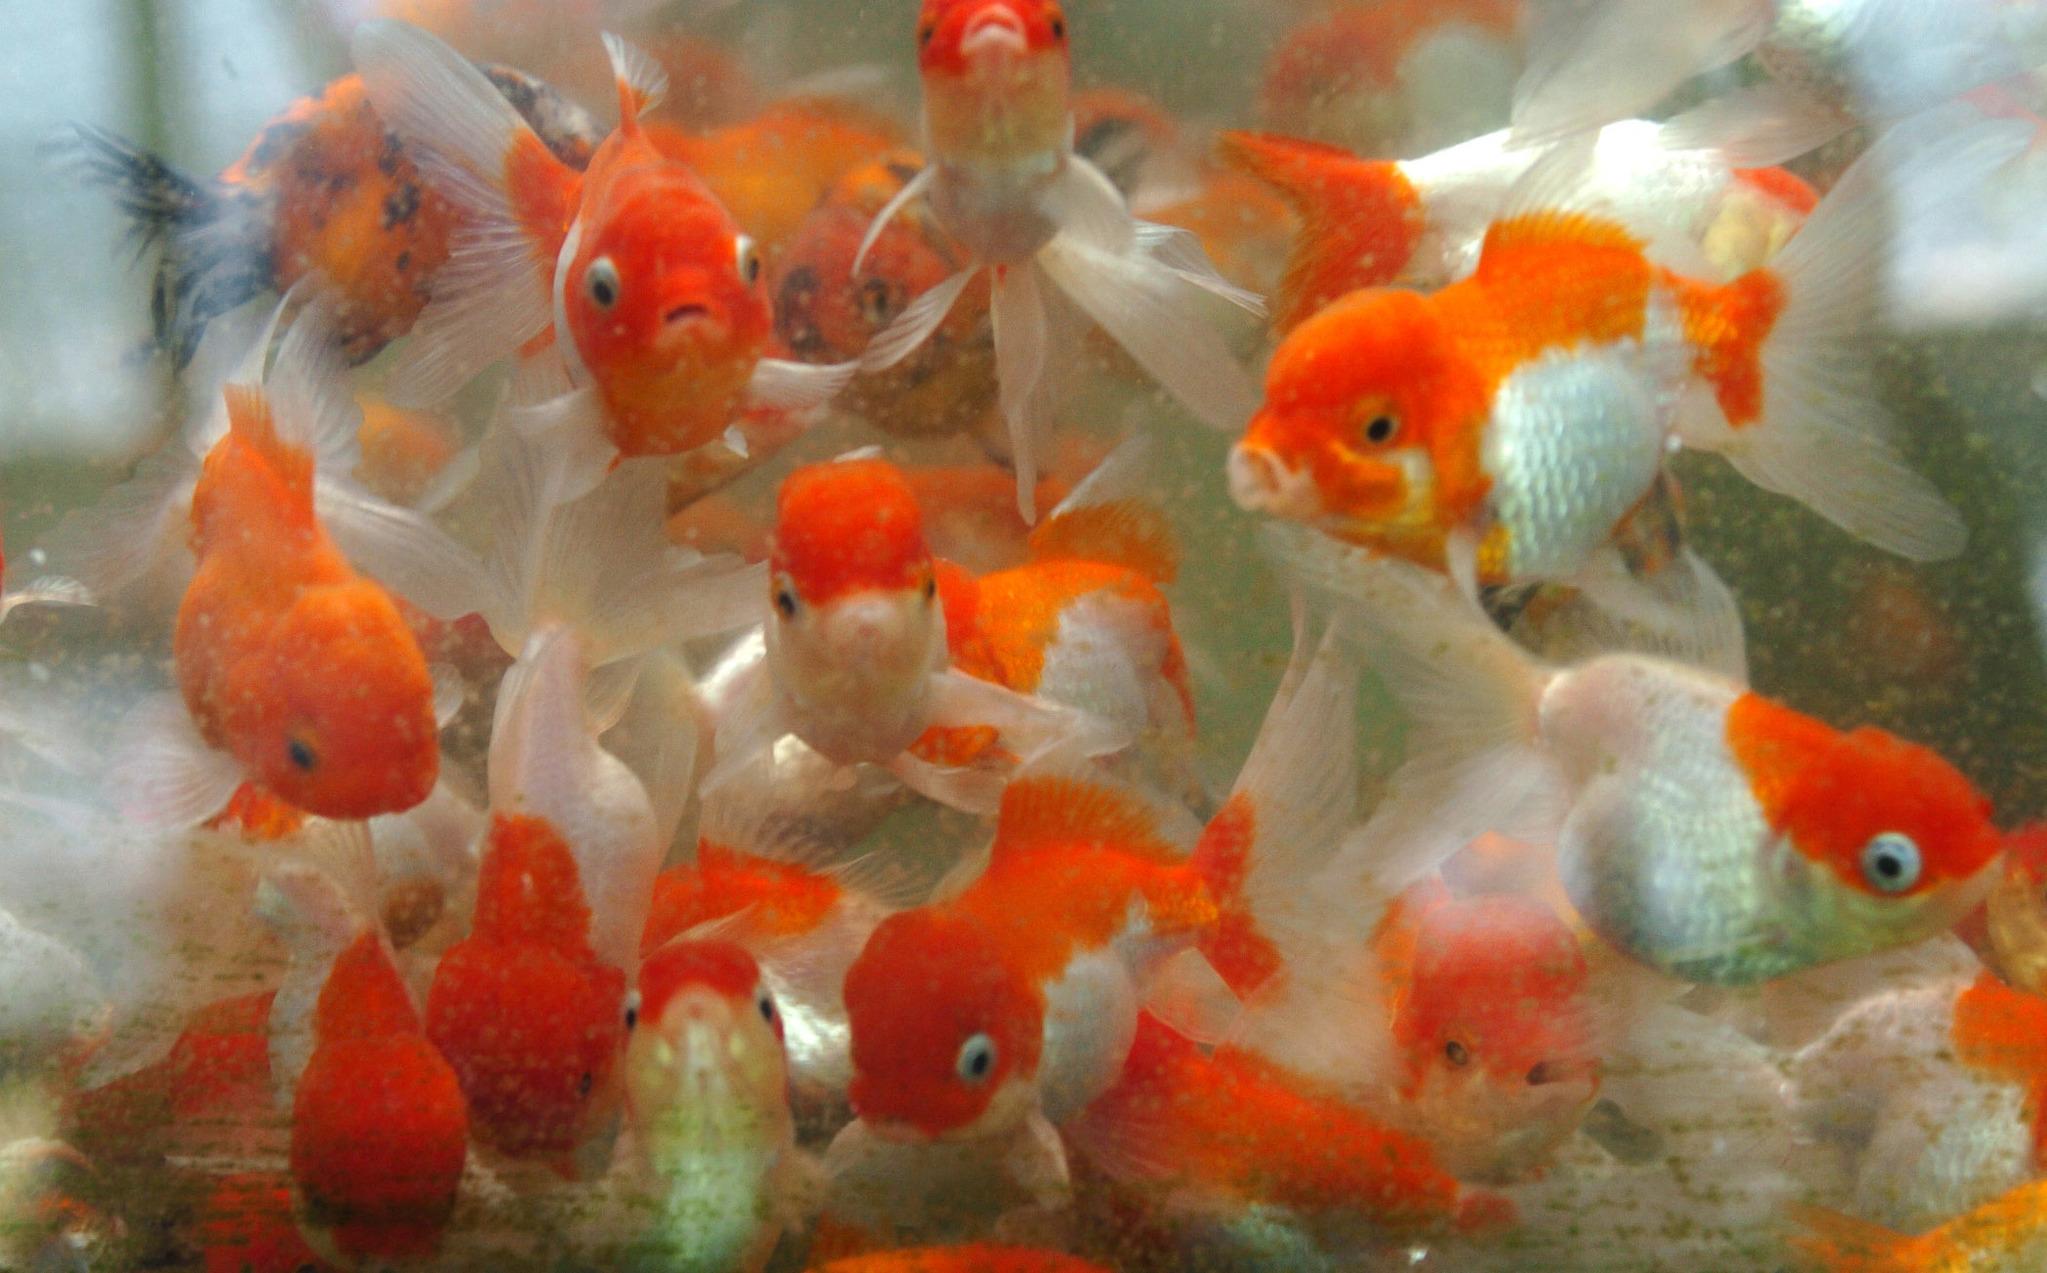 금붕어를 비롯한 물고기의 기억력이 3초 혹은 15초 밖에 지속하지 않는다는 얘기는 사실이 아닌 것으로 확인되고 있다. [중앙포토]